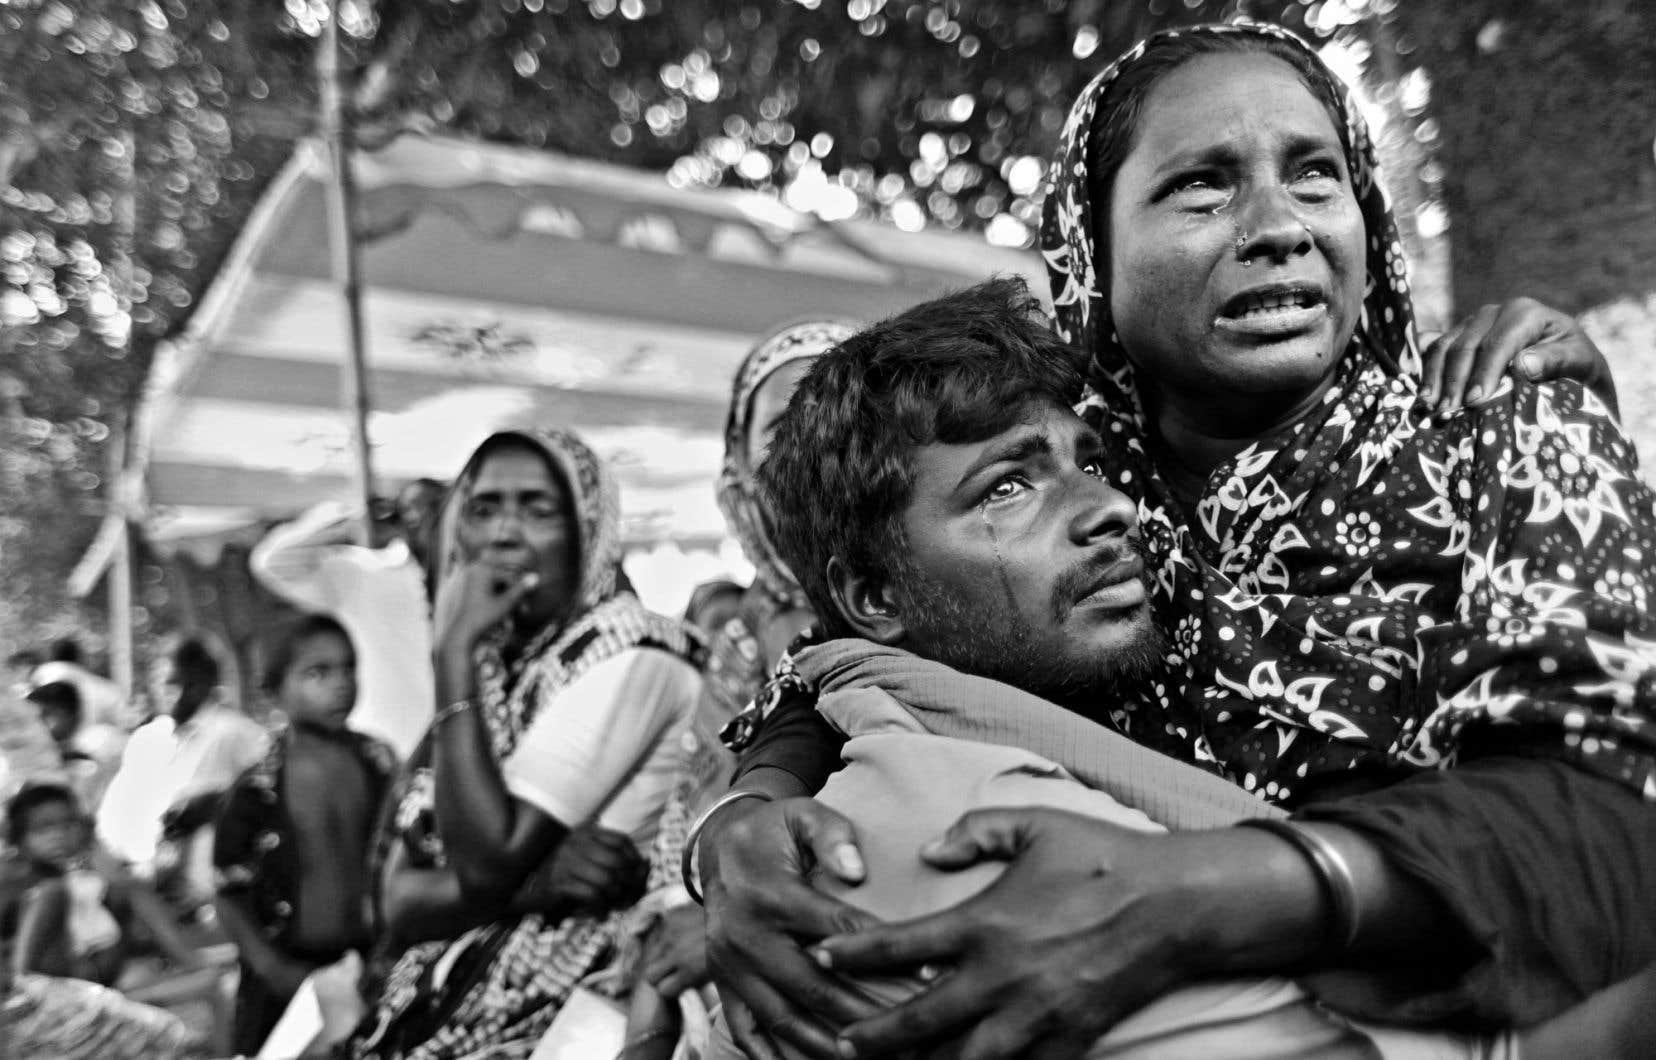 Des parents en deuil alors qu'ils retrouvent le corps de leur fils disparu, 17 jours après l'effondrement du Rana Plaza. Photo tirée de l'exposition «Le goût mortel des vêtements à rabais» d'Abir Abdullah.